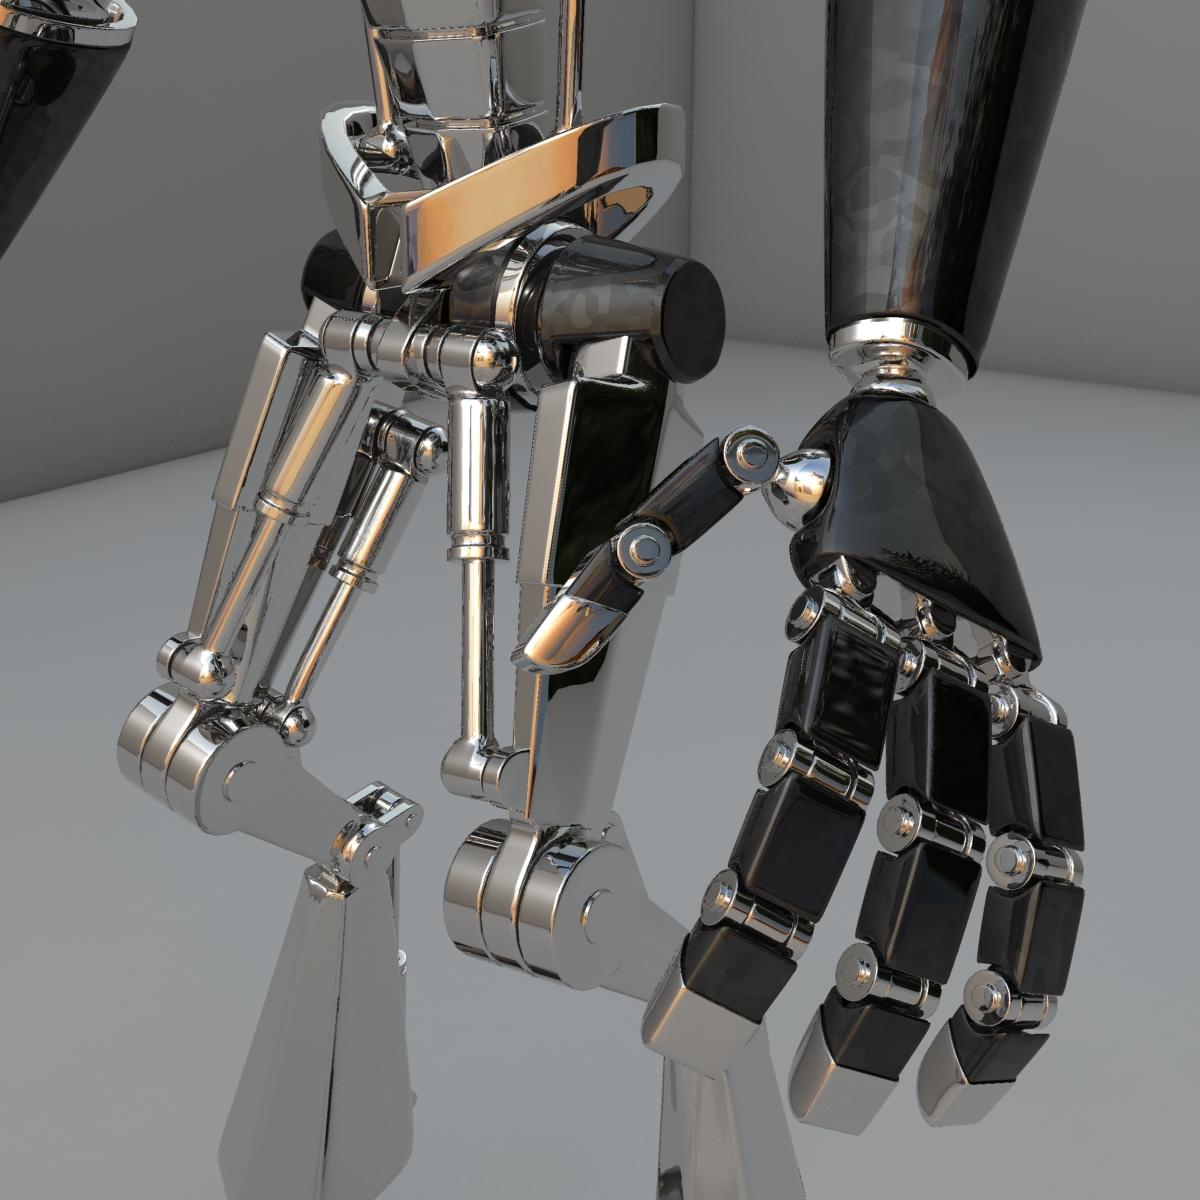 cpkb robot rigged 3d model 3ds max fbx blend obj 119276